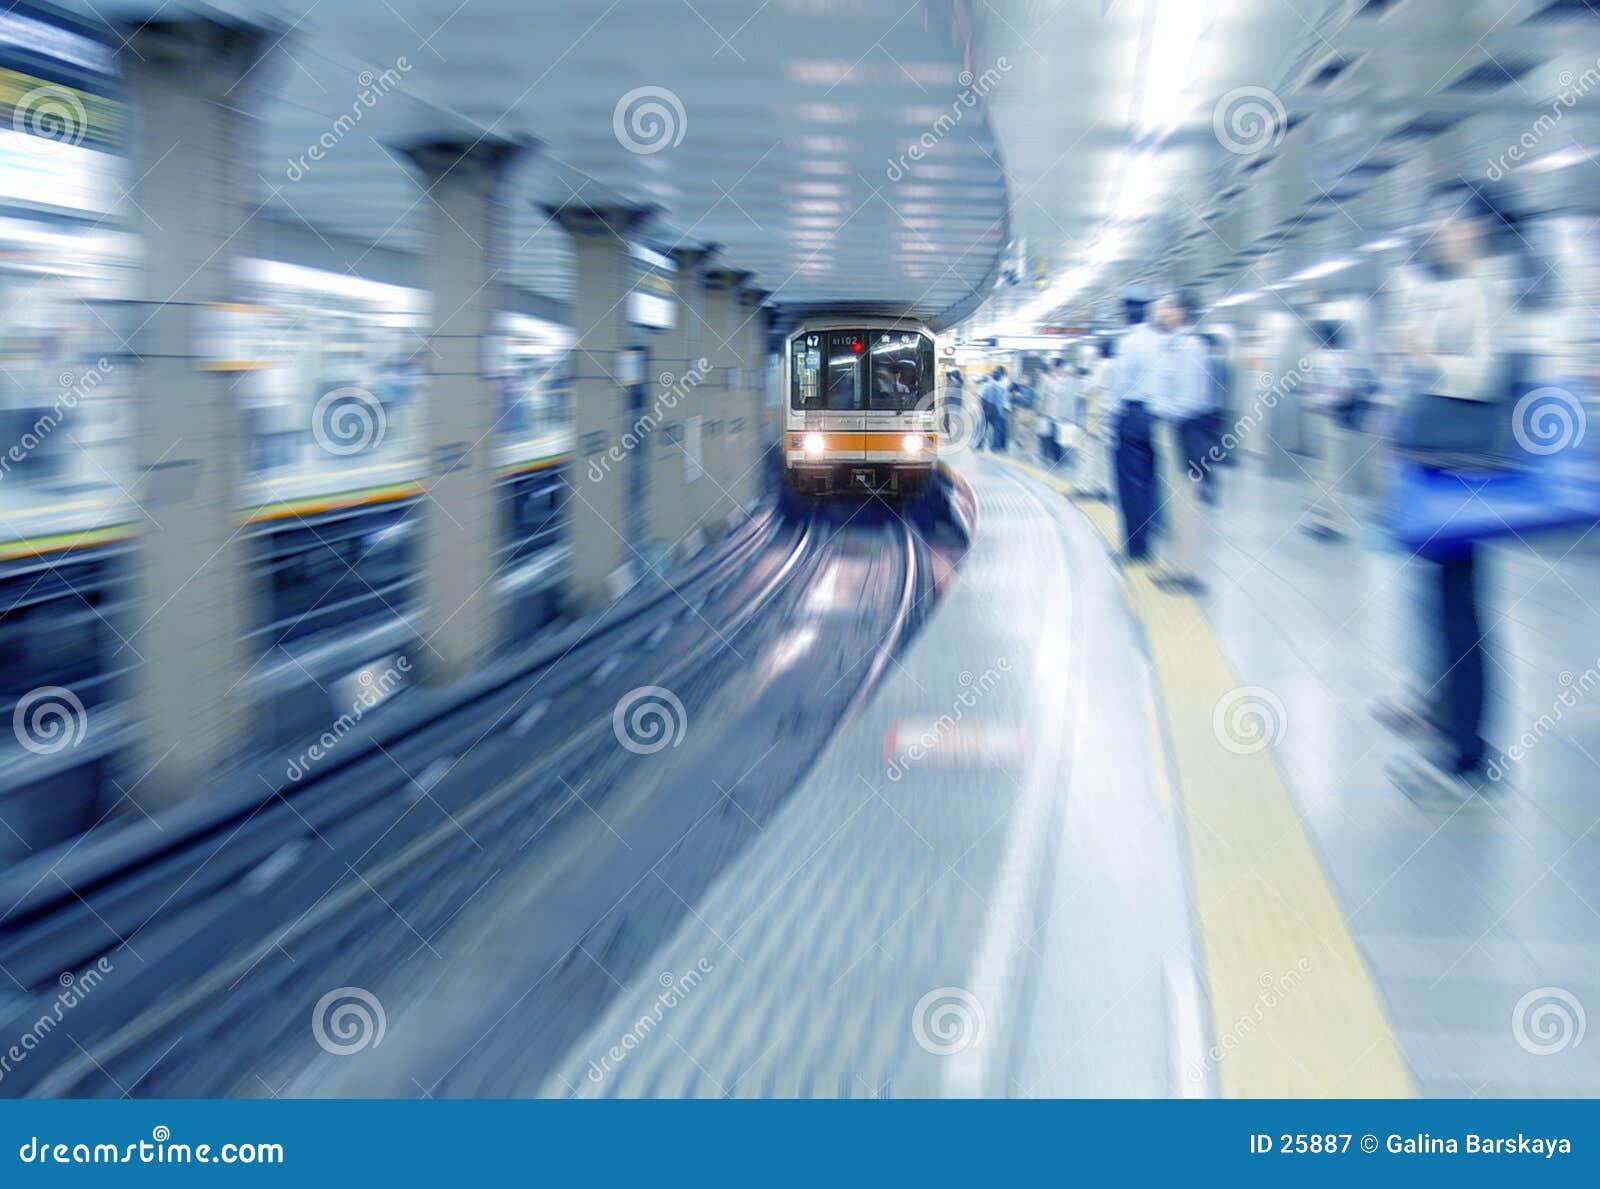 Download En la estación de tren imagen de archivo. Imagen de transporte - 25887